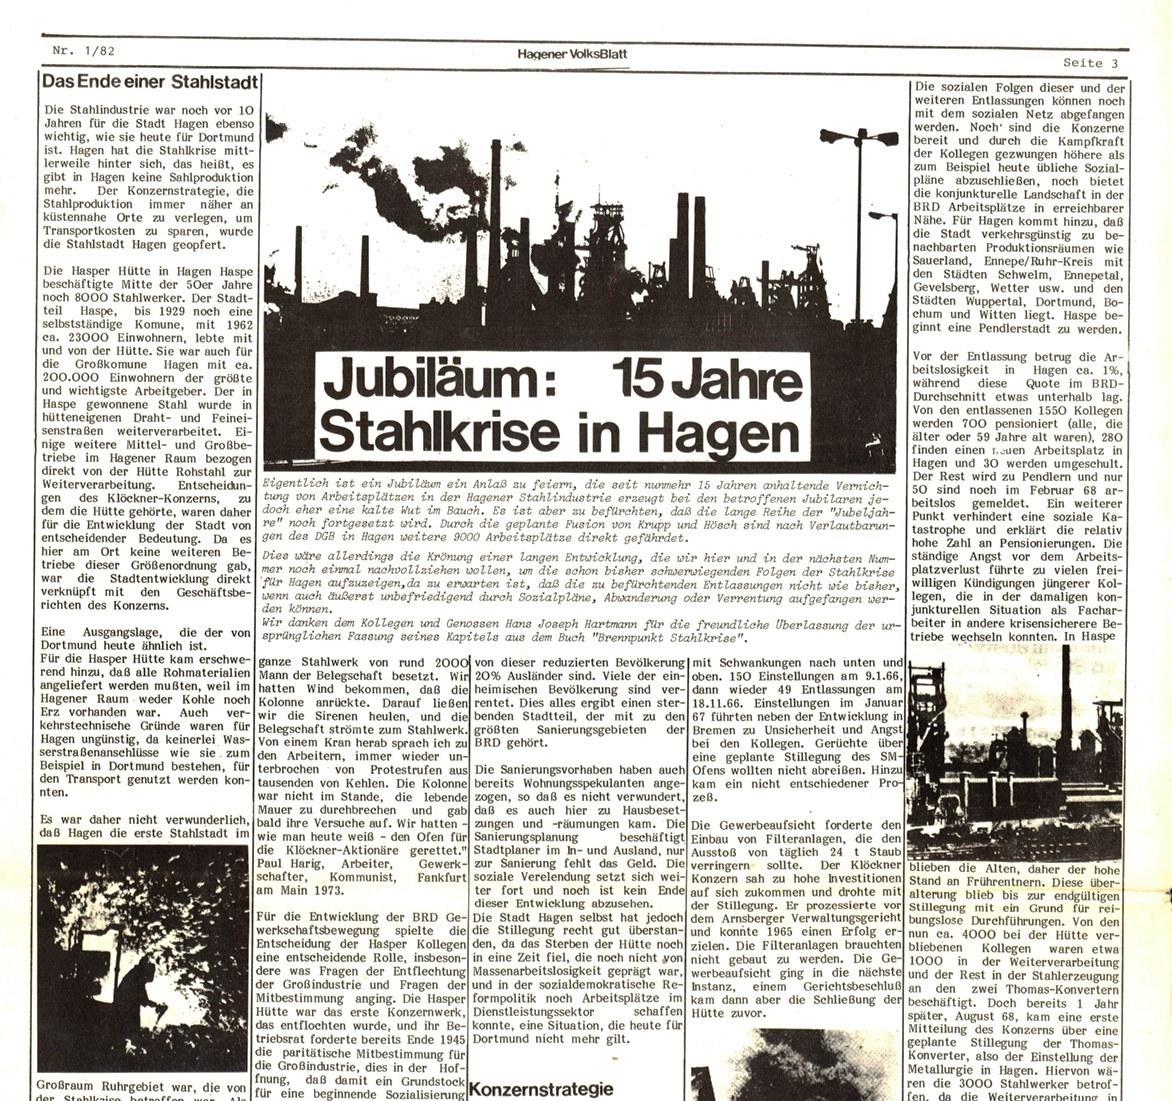 Hagen_Volksblatt_19820100_05